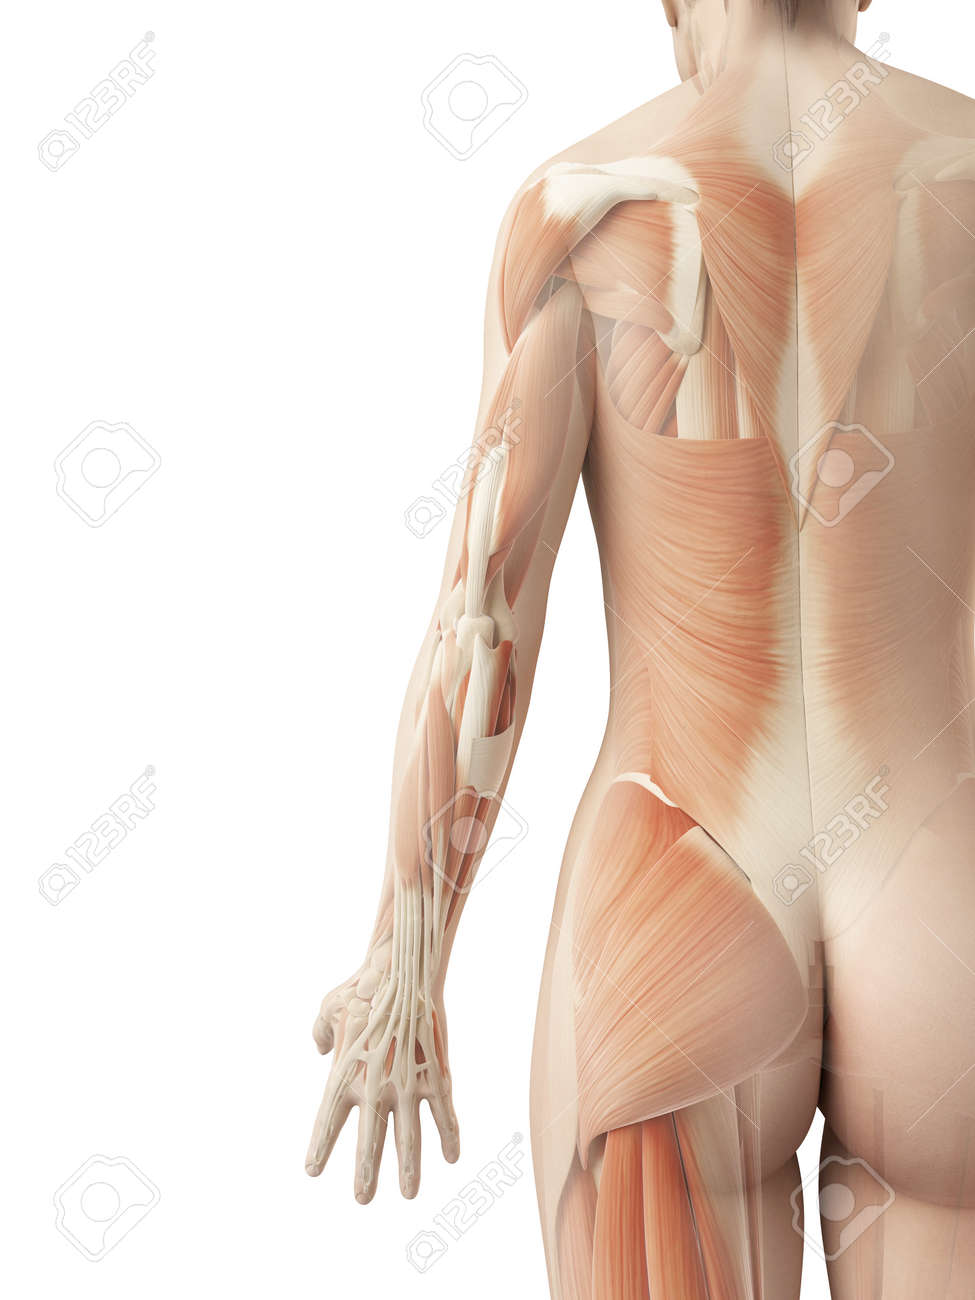 Ausgezeichnet Diagramm Der Menschlichen Rückenmuskulatur Ideen ...